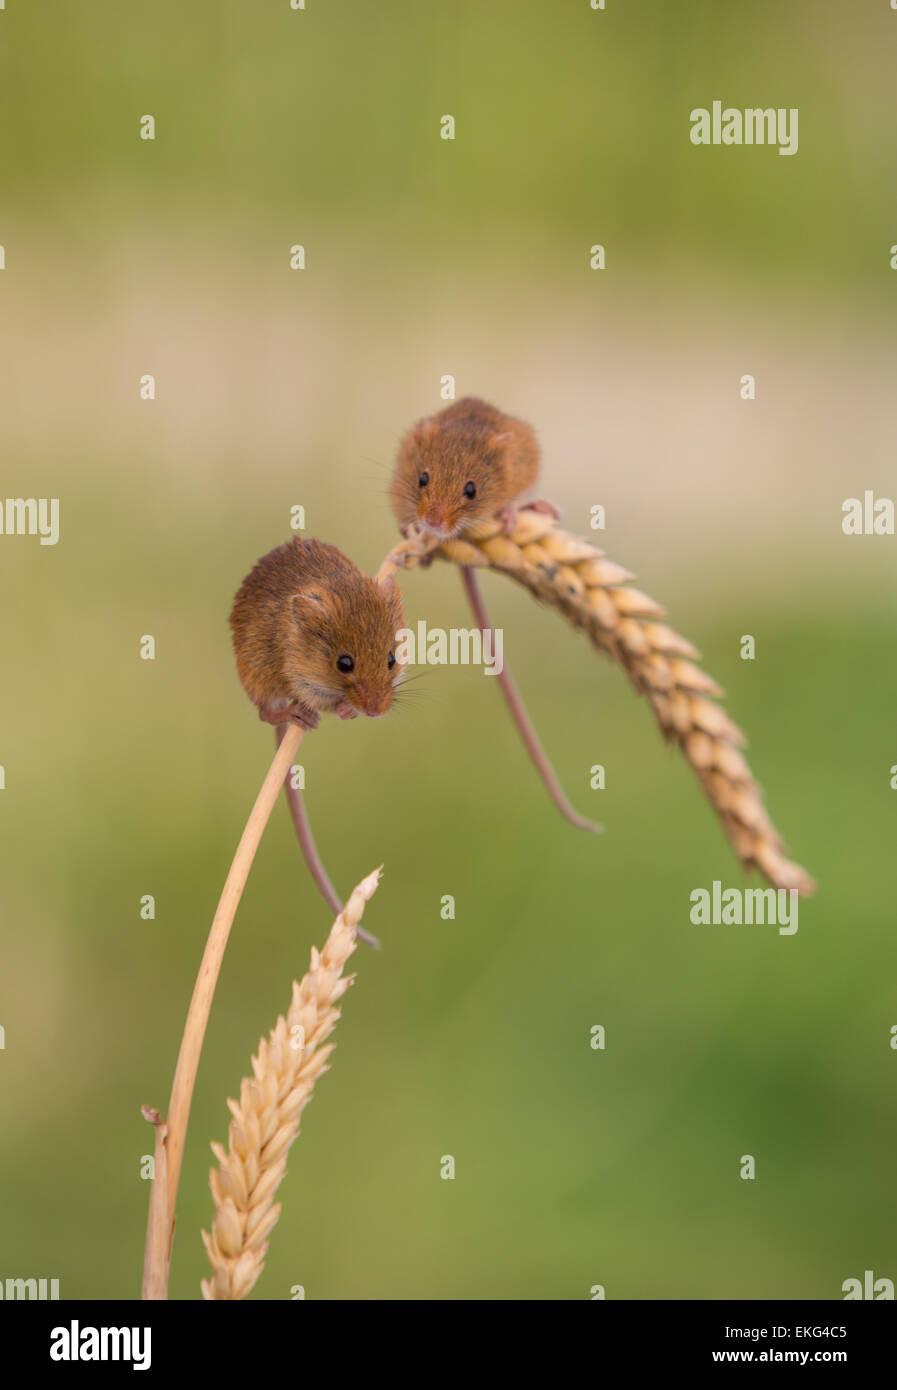 Ernte-Mäuse auf Weizen Stockbild